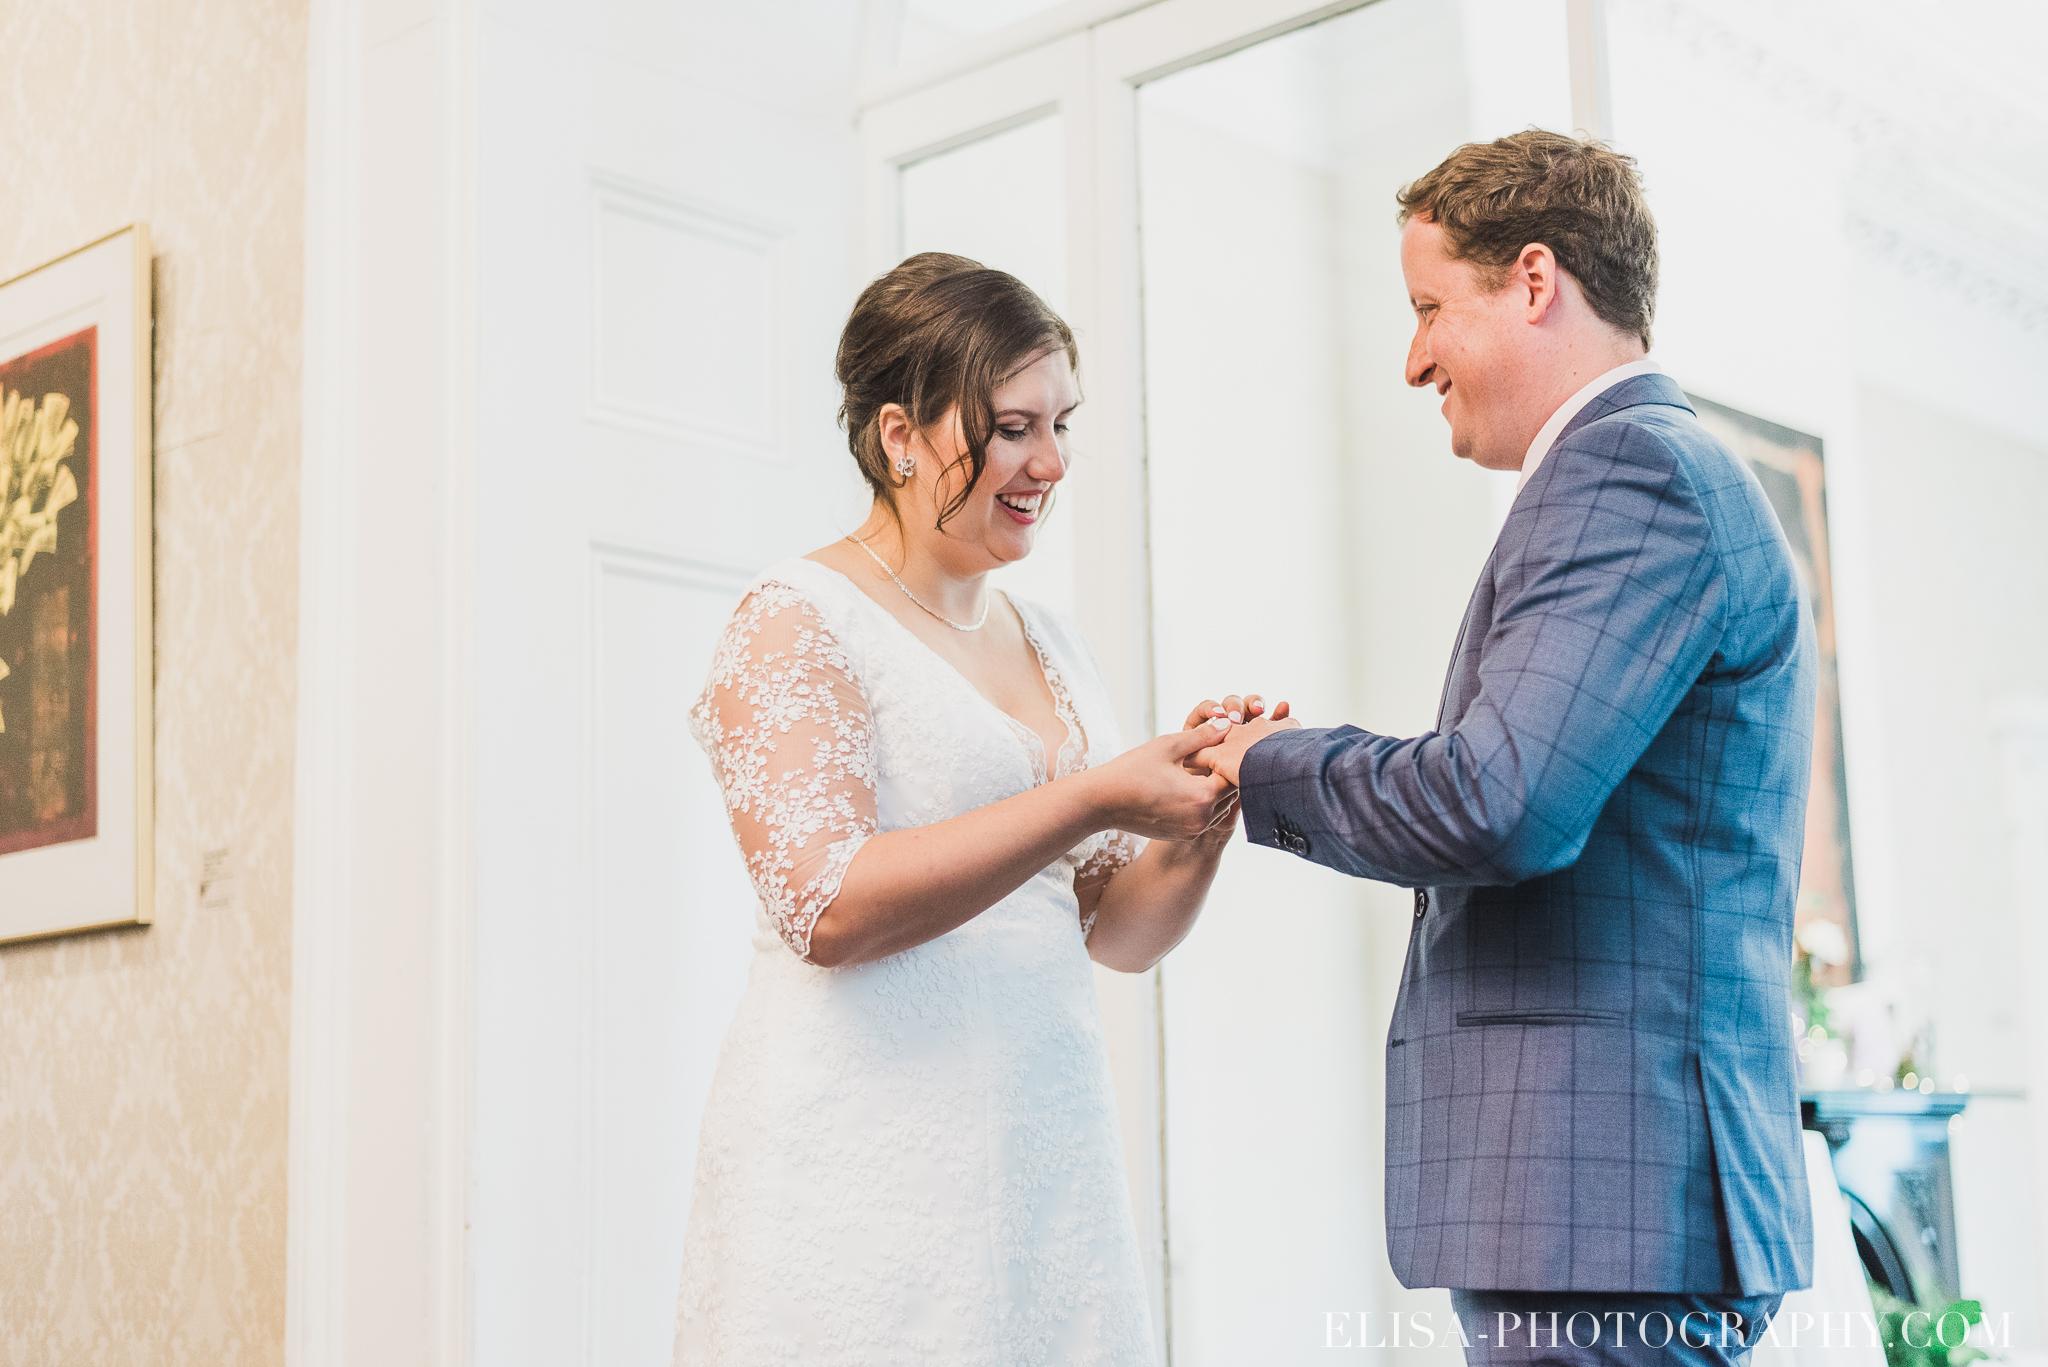 photo mariage domaine cataraqui wedding echange bagues voeux salle ceremonie 2343 - Mariage d'inspiration anglaise au domaine Cataraqui